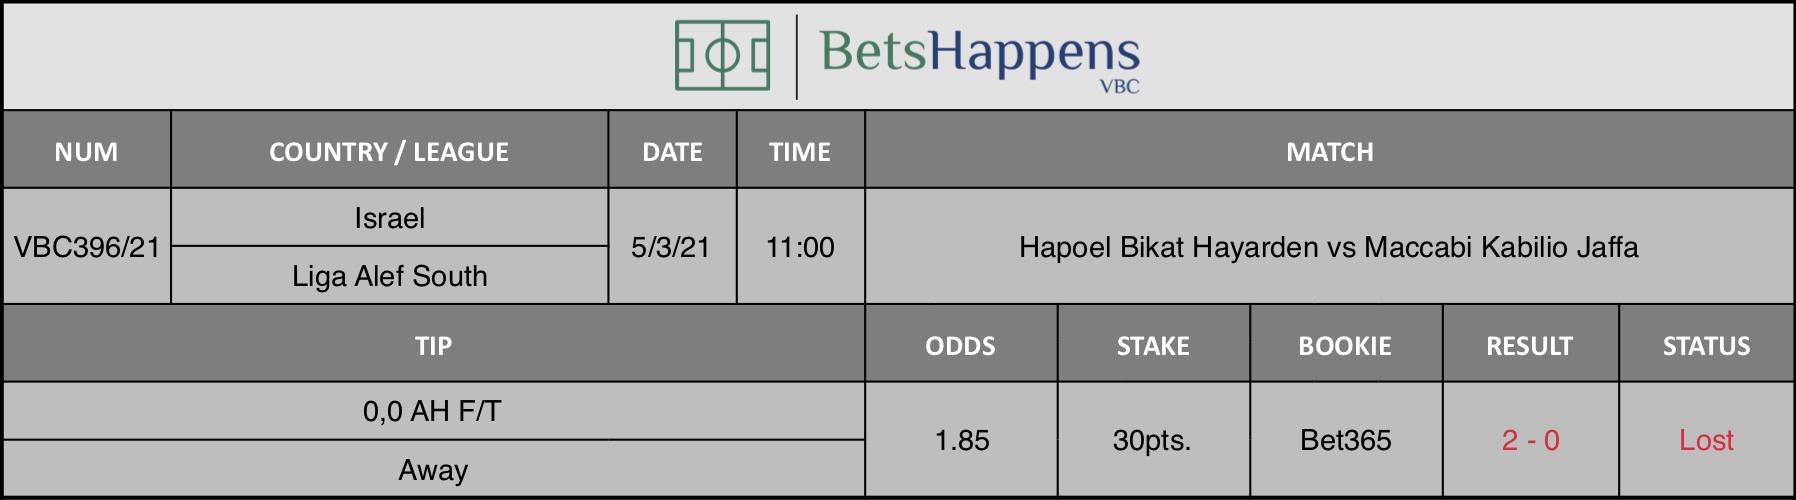 Resultados de nuestro consejo para el hapoel Bikat Hayarden vs Maccabi Kabilio Jaffa partido donde se recomienda 0,0 AH F / T Away.